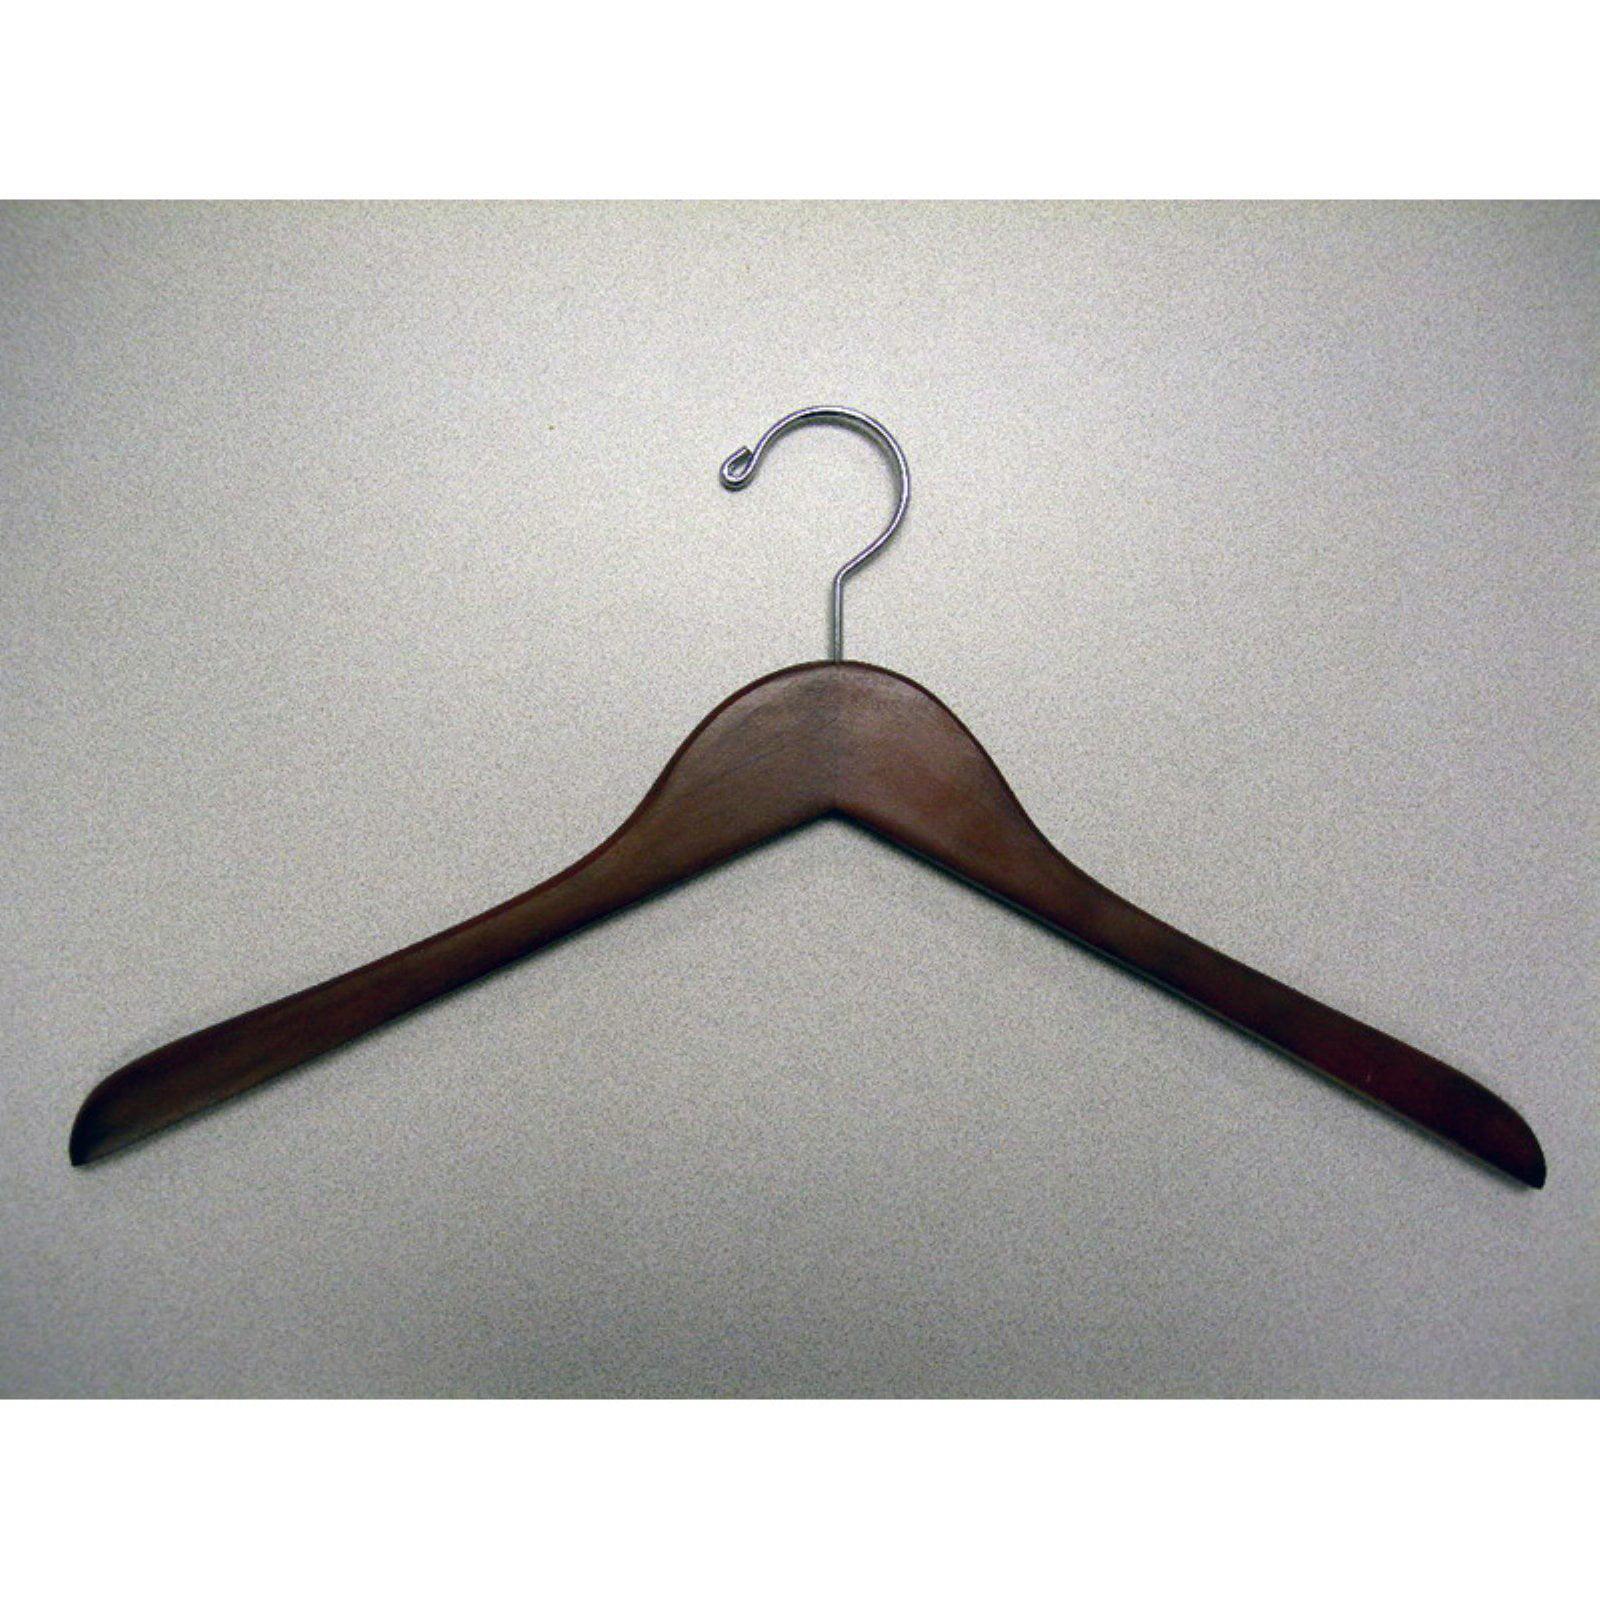 Proman Genesis Flat Coat Hanger - 50 Pieces